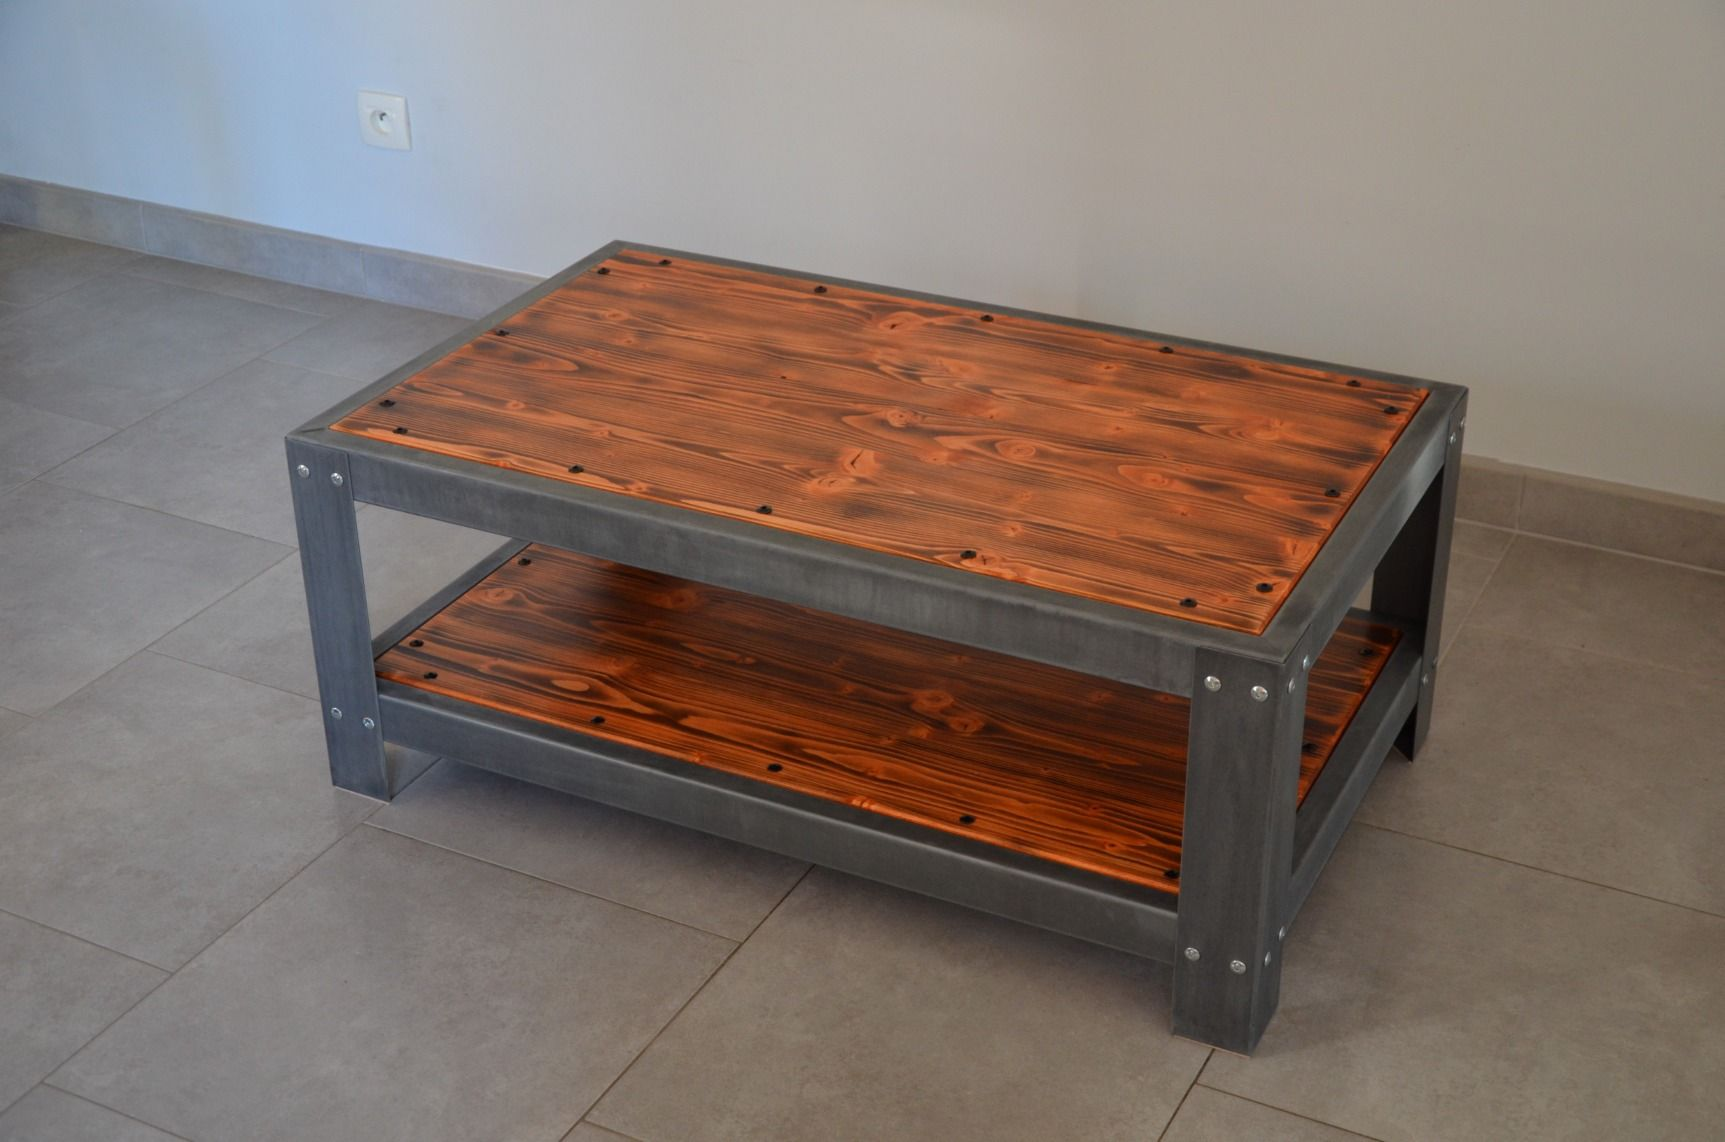 Table Basse De Salon En Zinc Et Bois Vieilli Meuble Industriel Loft Misterzinc Table Basse Salon Bois Vieilli Mobilier De Salon